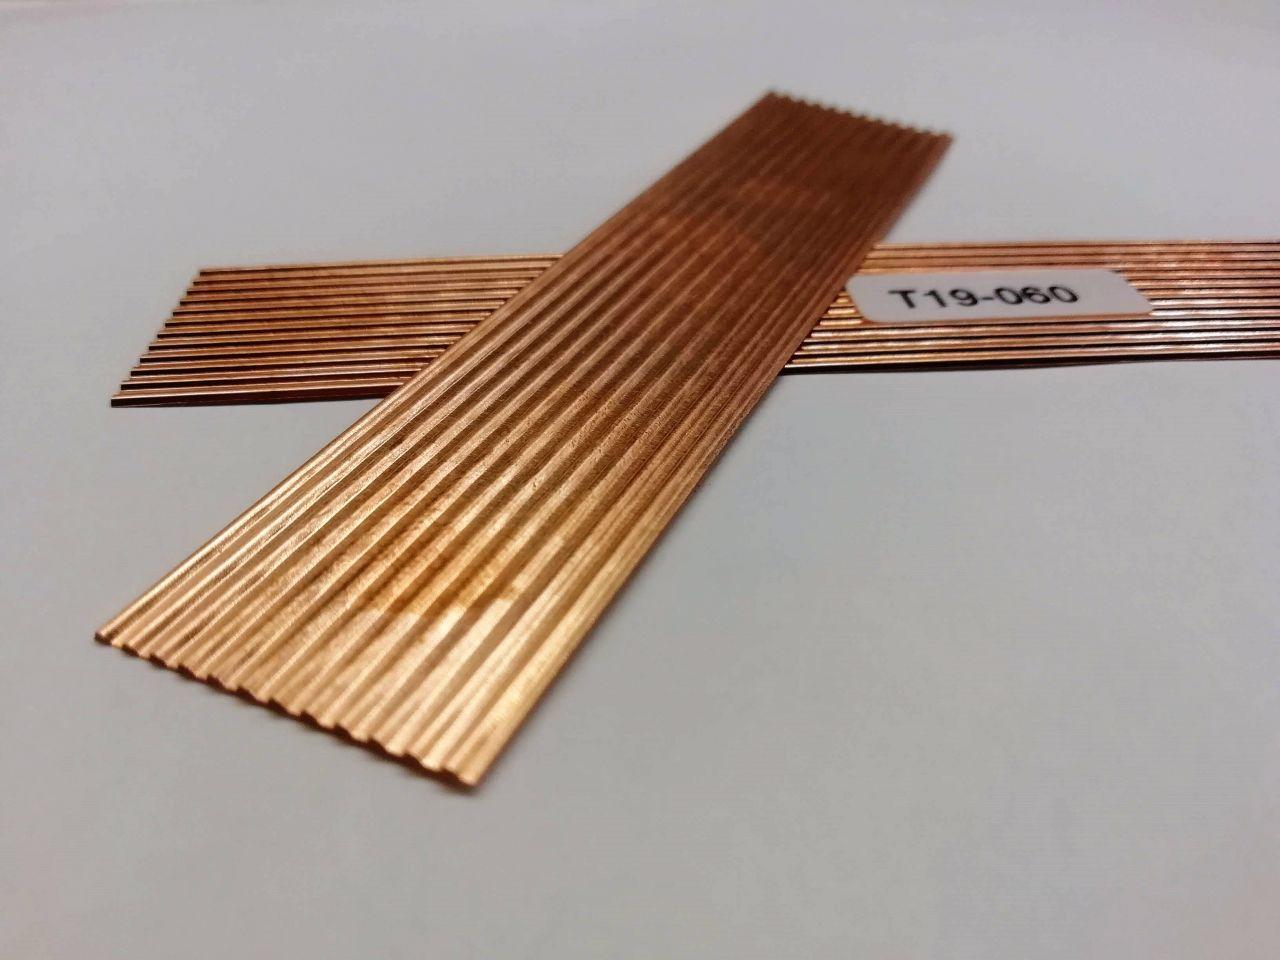 NSj Modells T19-060 Trapézlemez